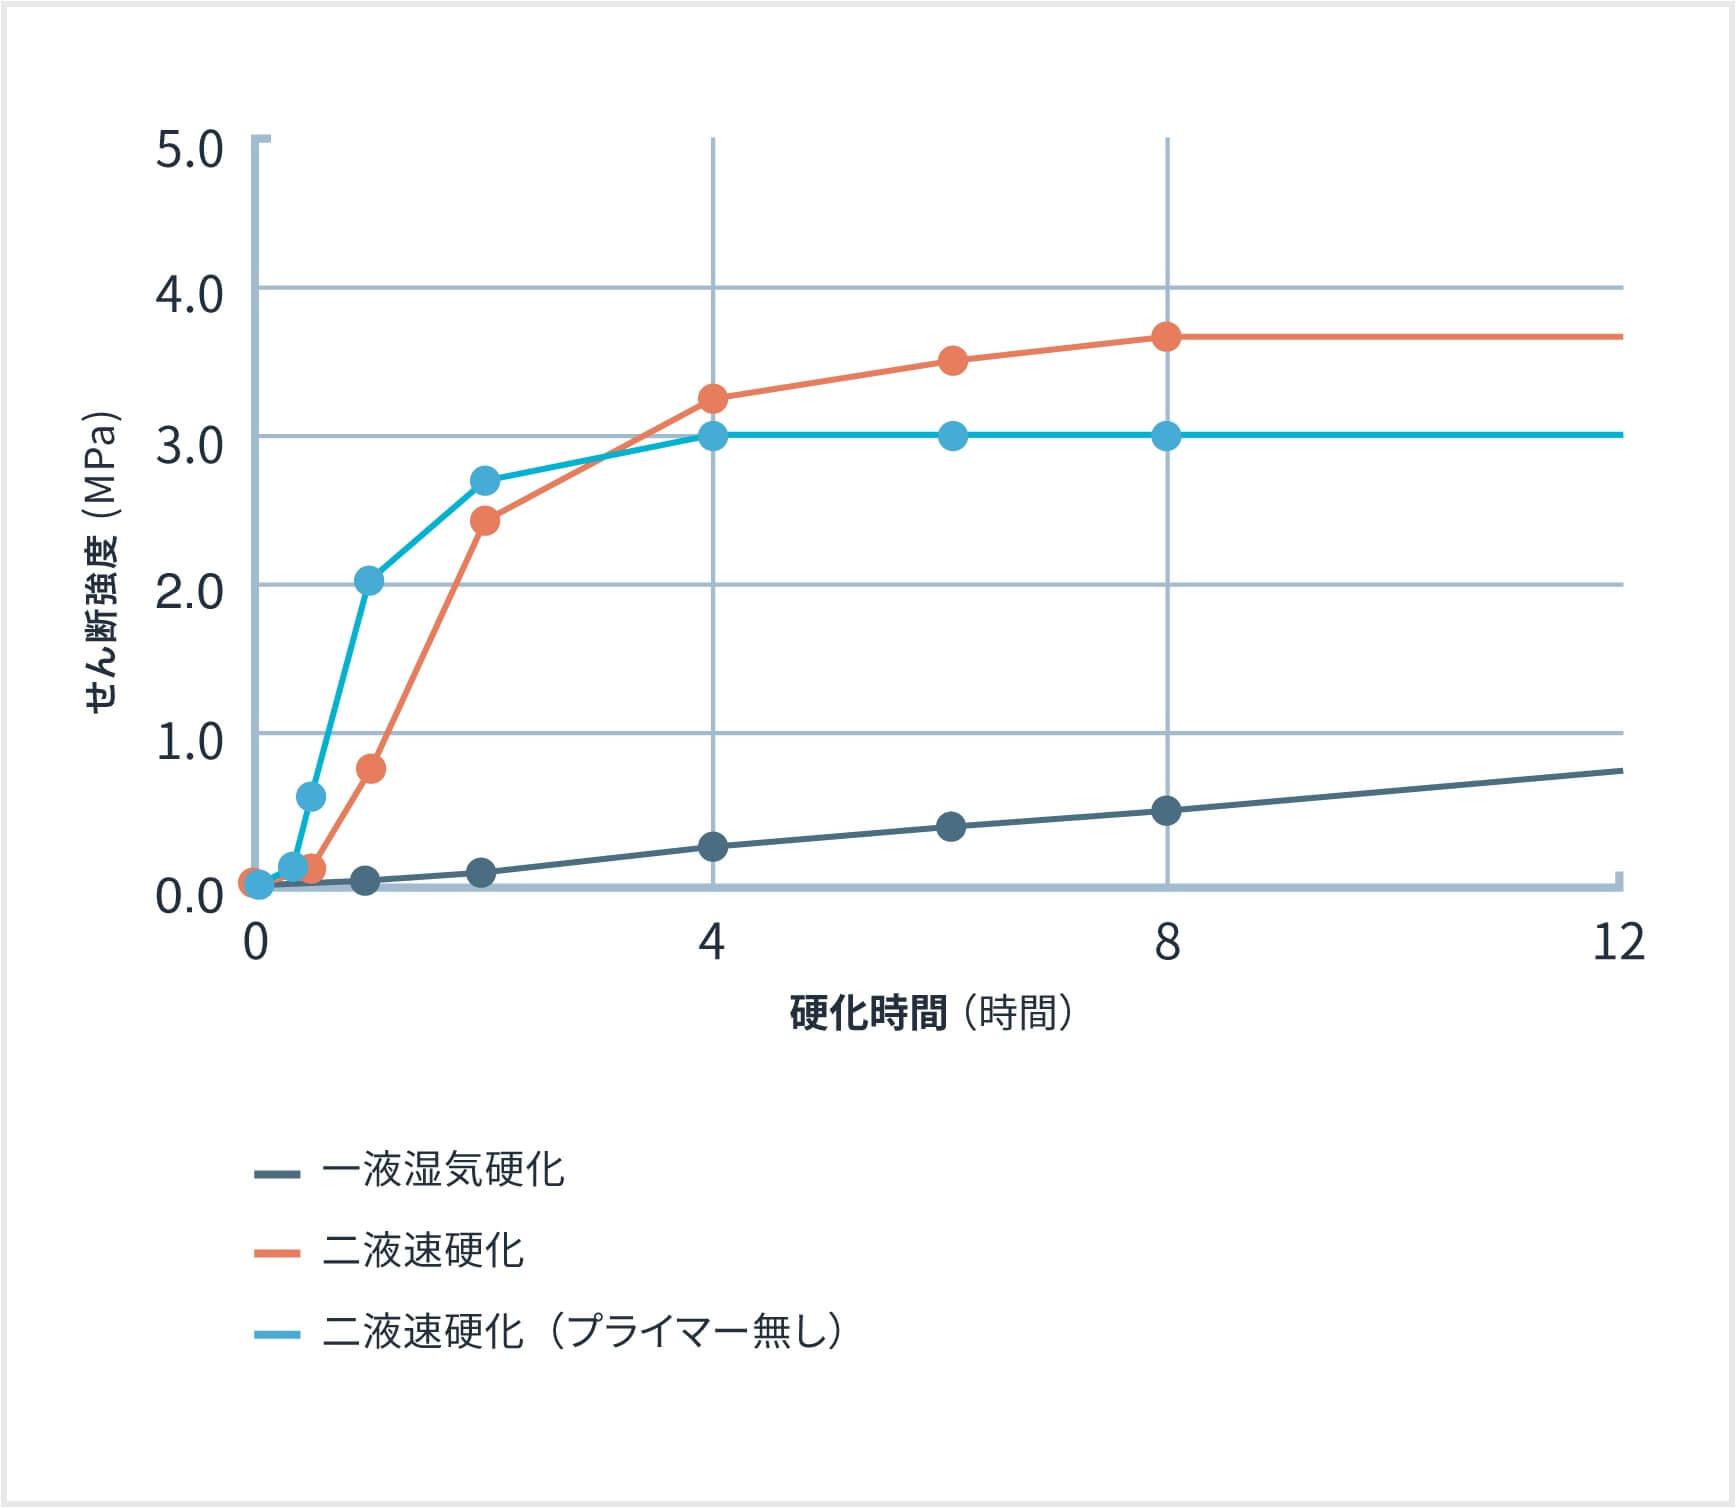 せん断硬化速度(20℃65%RH条件下)